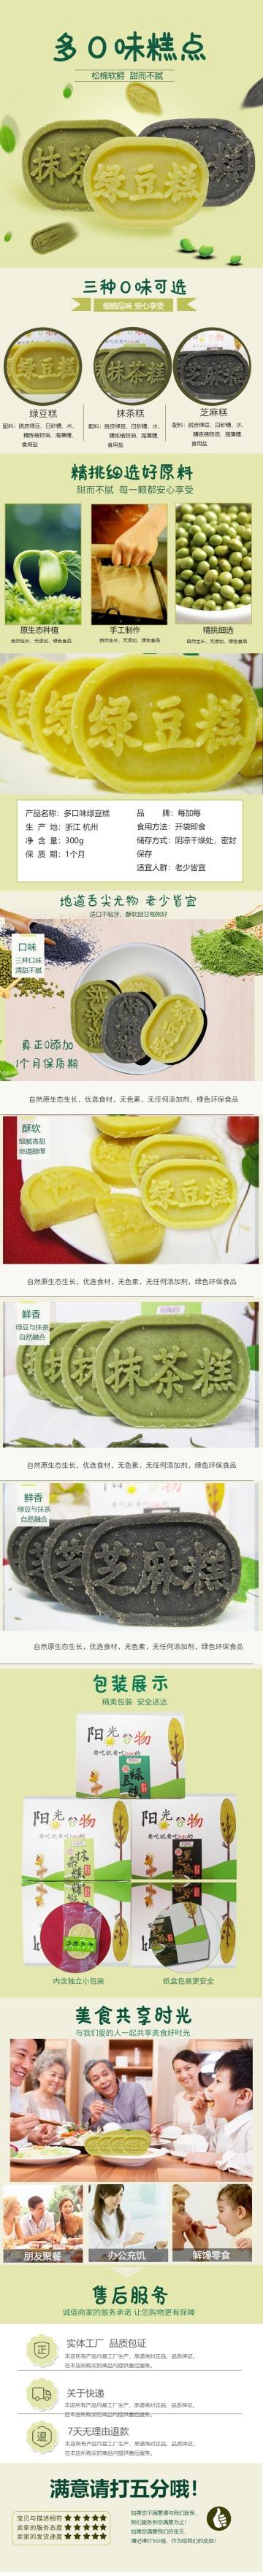 清新简约百货零售小吃糕点绿豆糕促销电商详情页